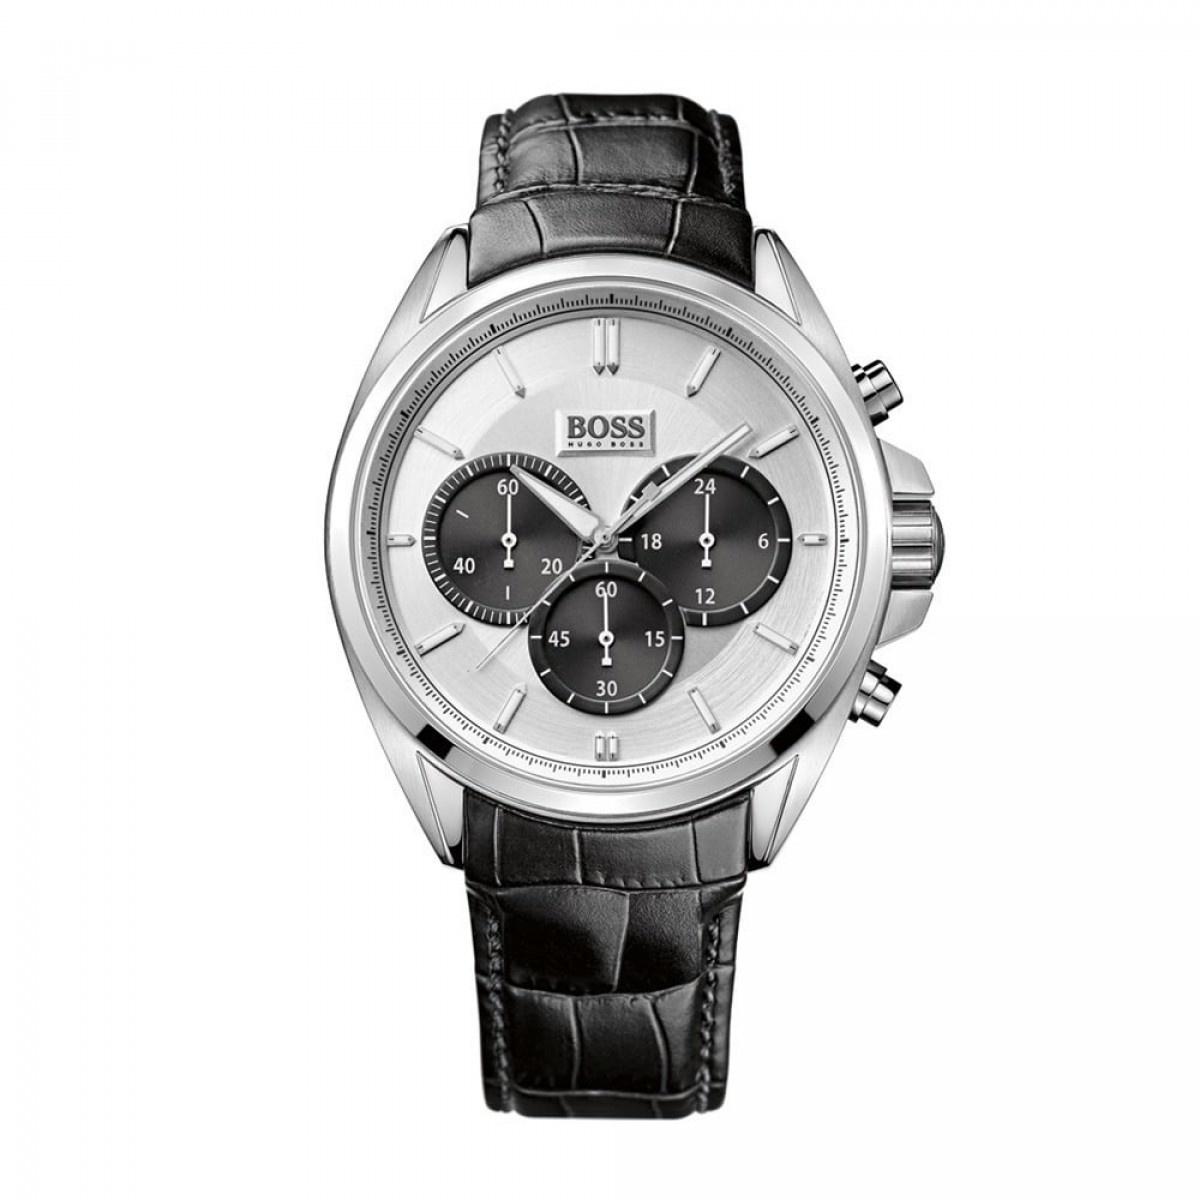 03b3c60ac19 Hugo Boss HB1512880 Herenhorloge - tot 65% korting| Wowwatch.nl